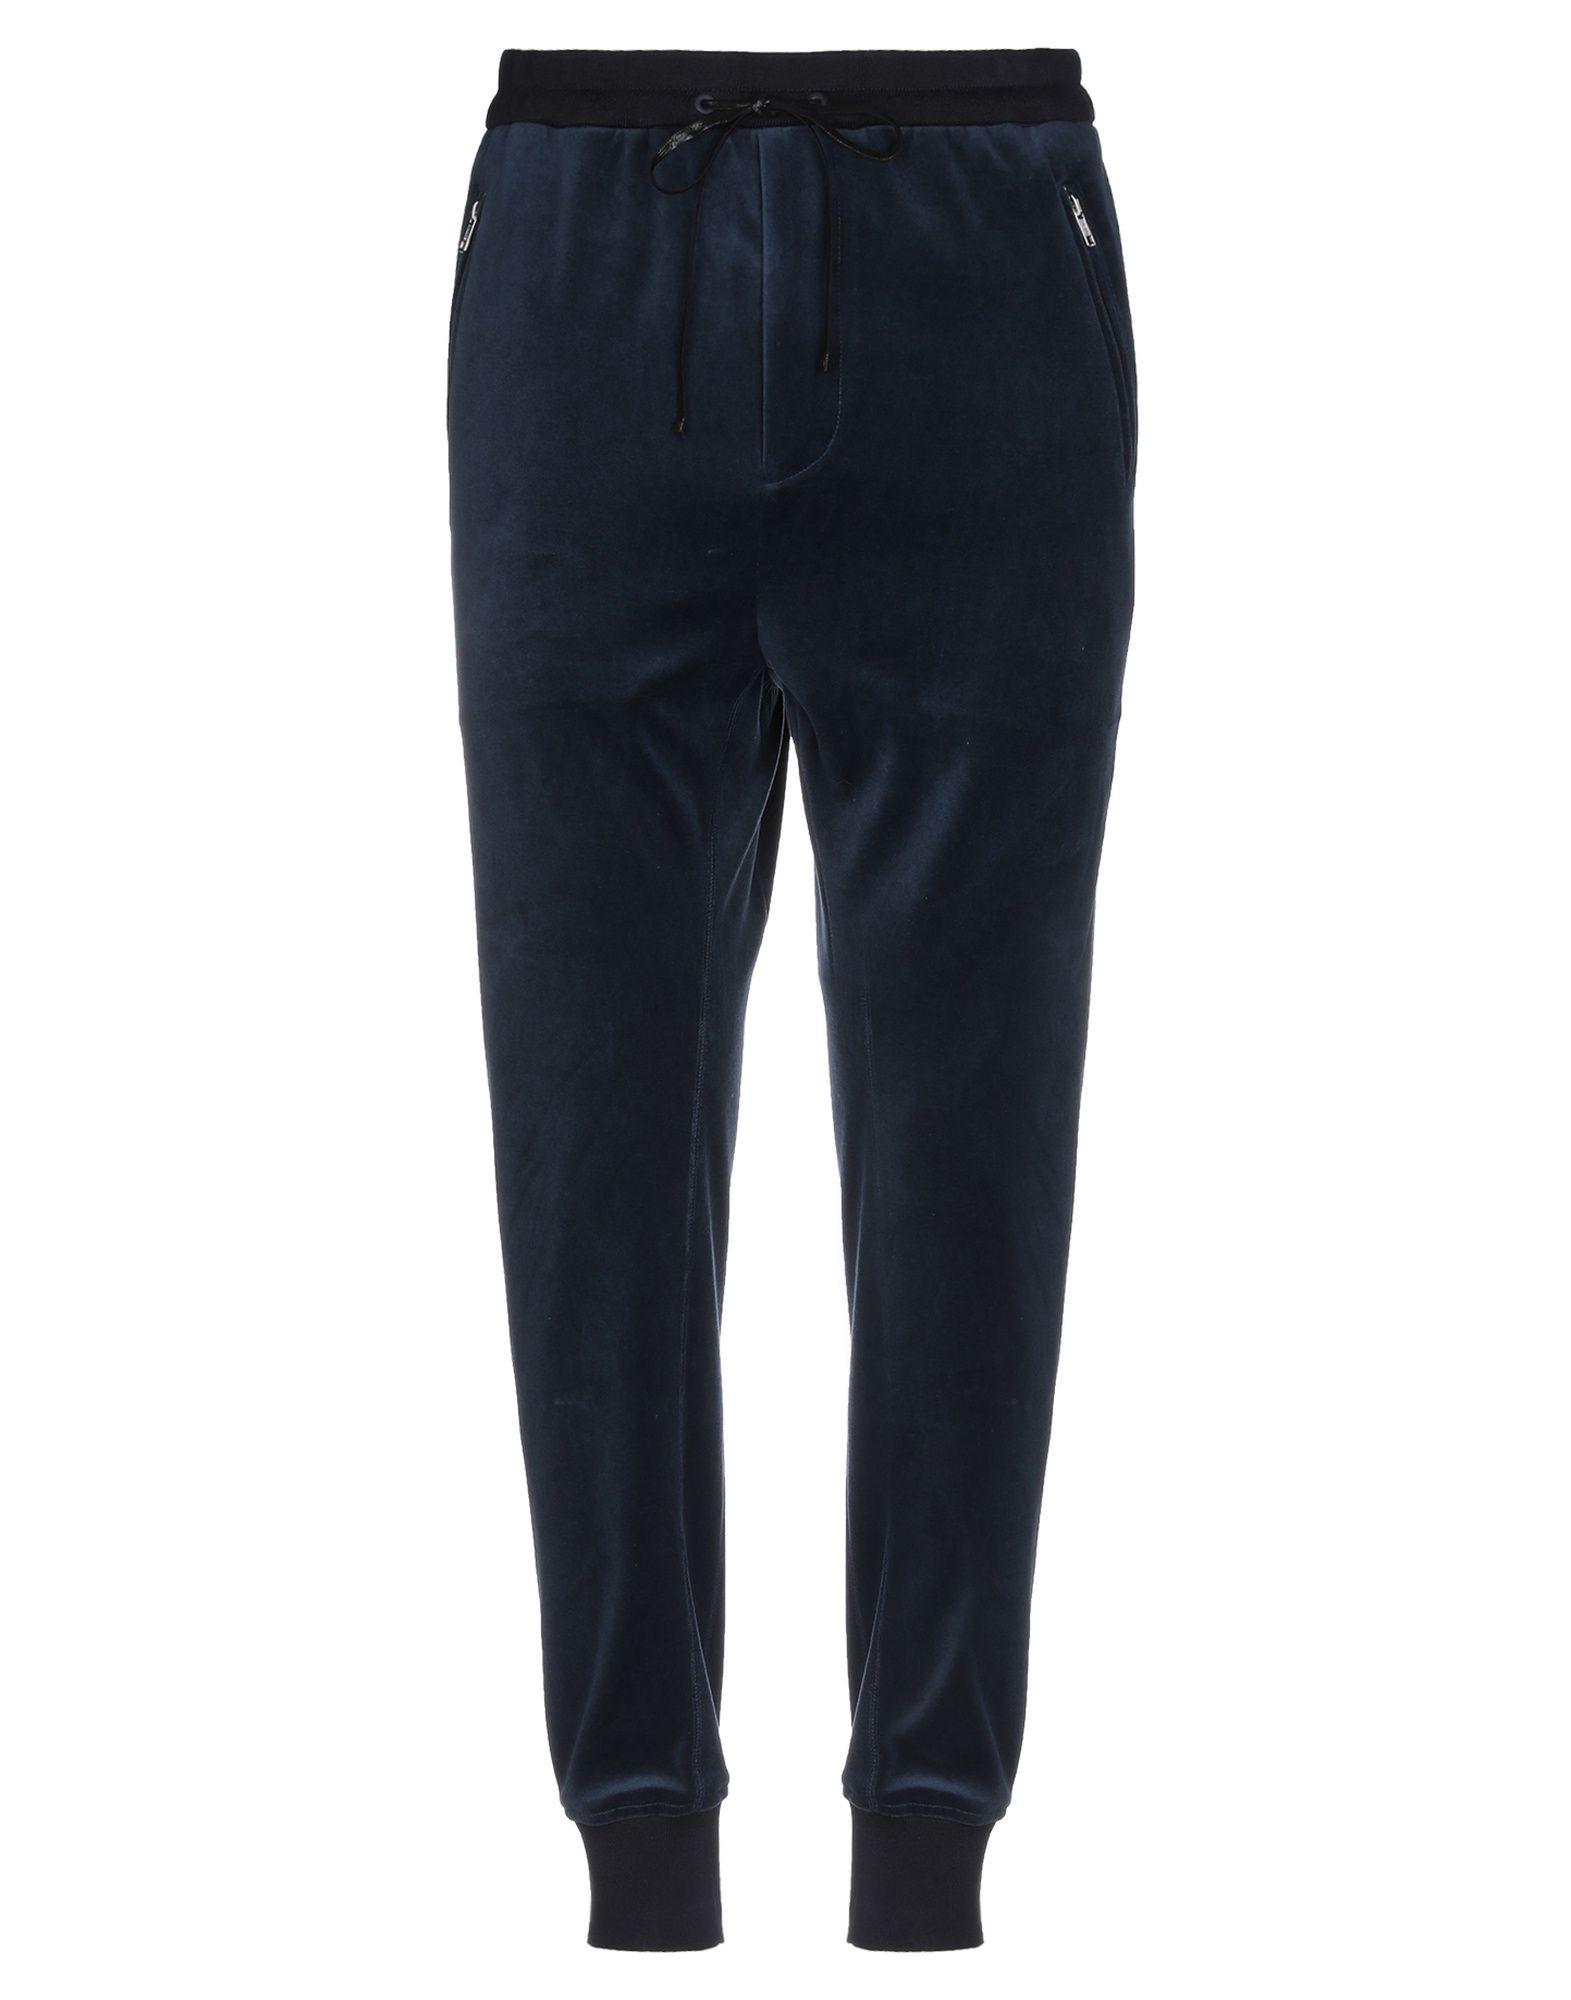 《セール開催中》3.1 PHILLIP LIM メンズ パンツ ダークブルー L コットン 70% / ポリエステル 30%